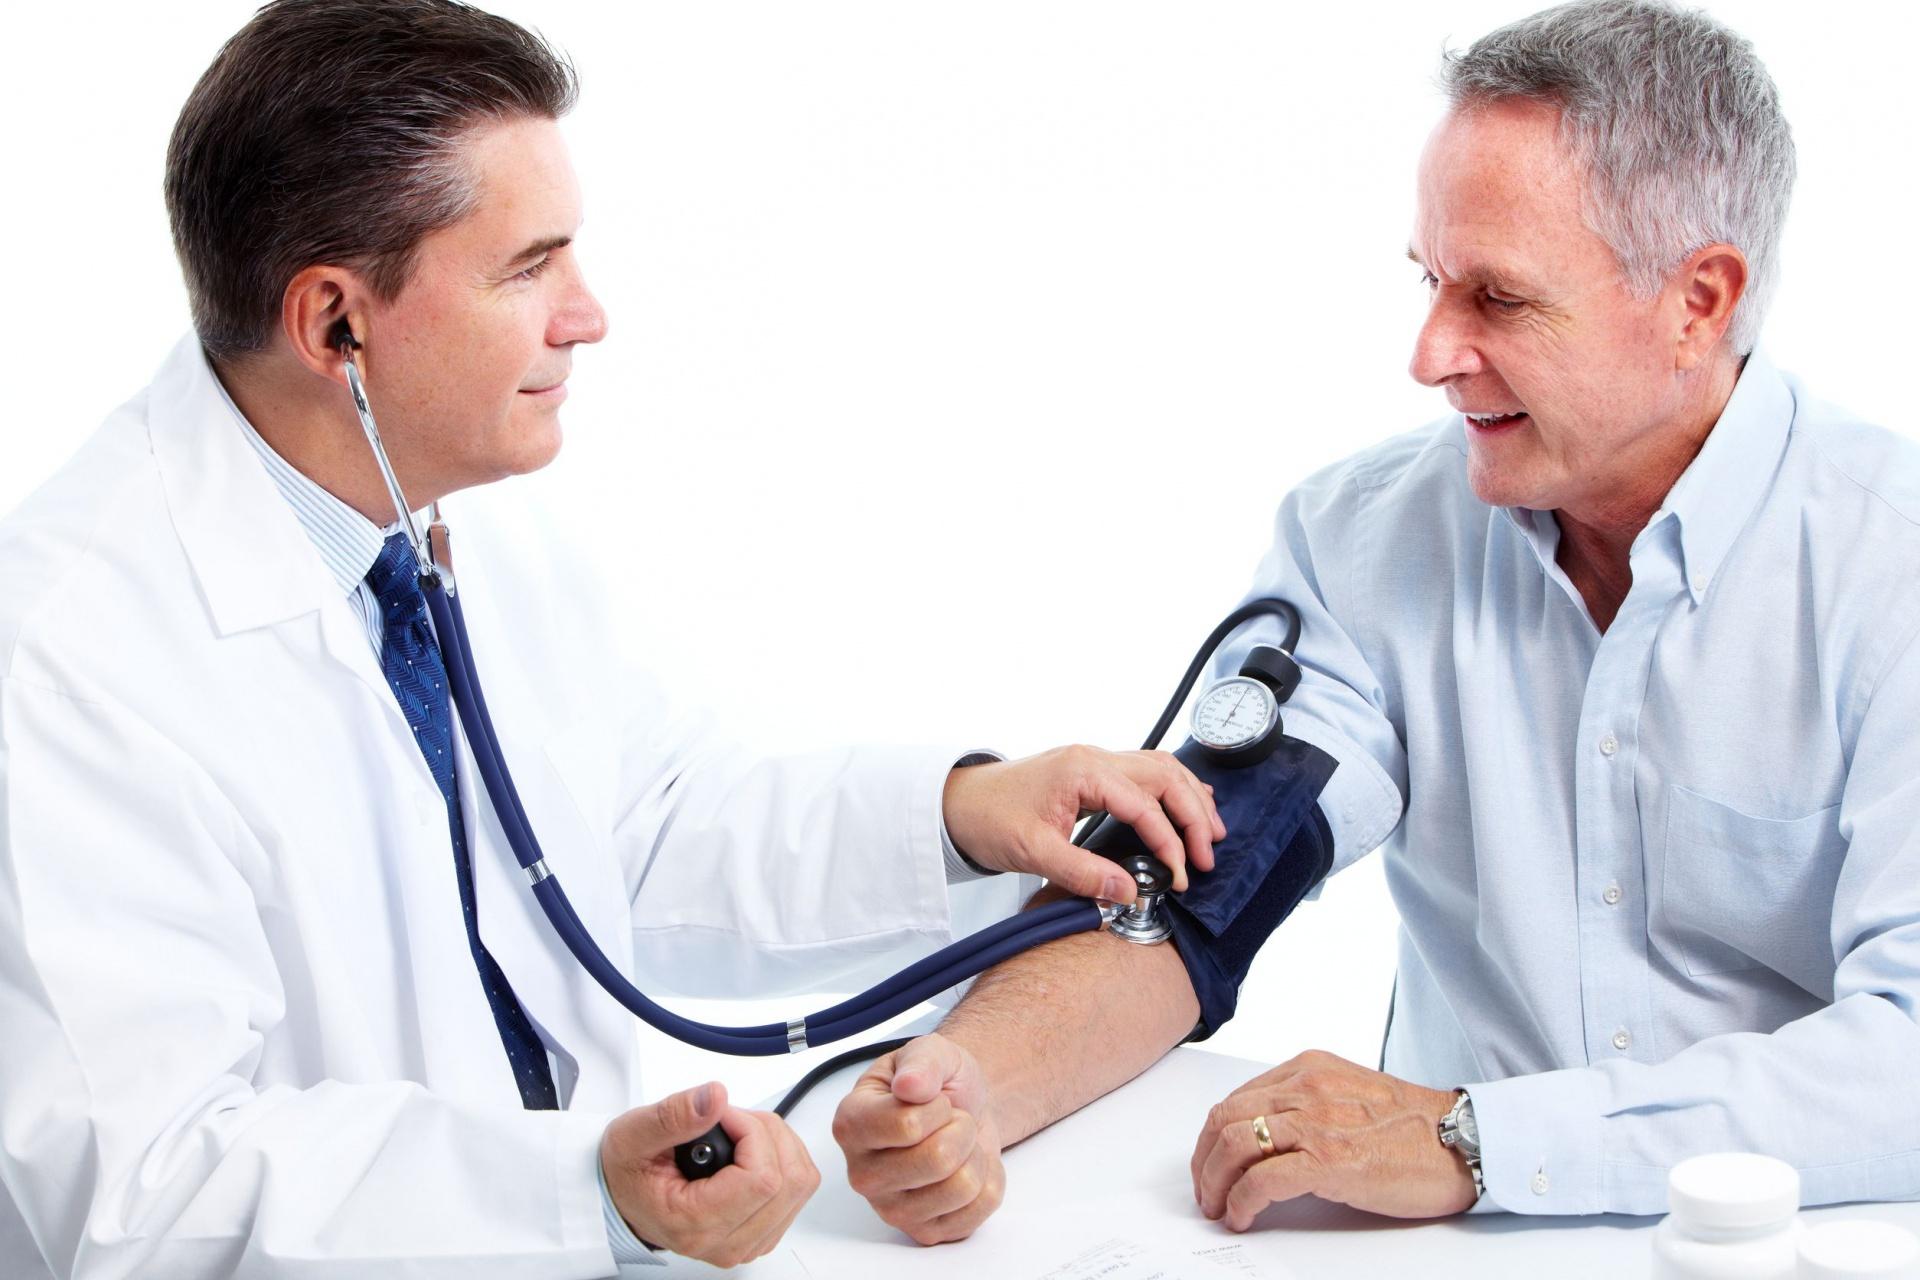 magas vérnyomás vizsgálata a magas vérnyomás életveszélyes